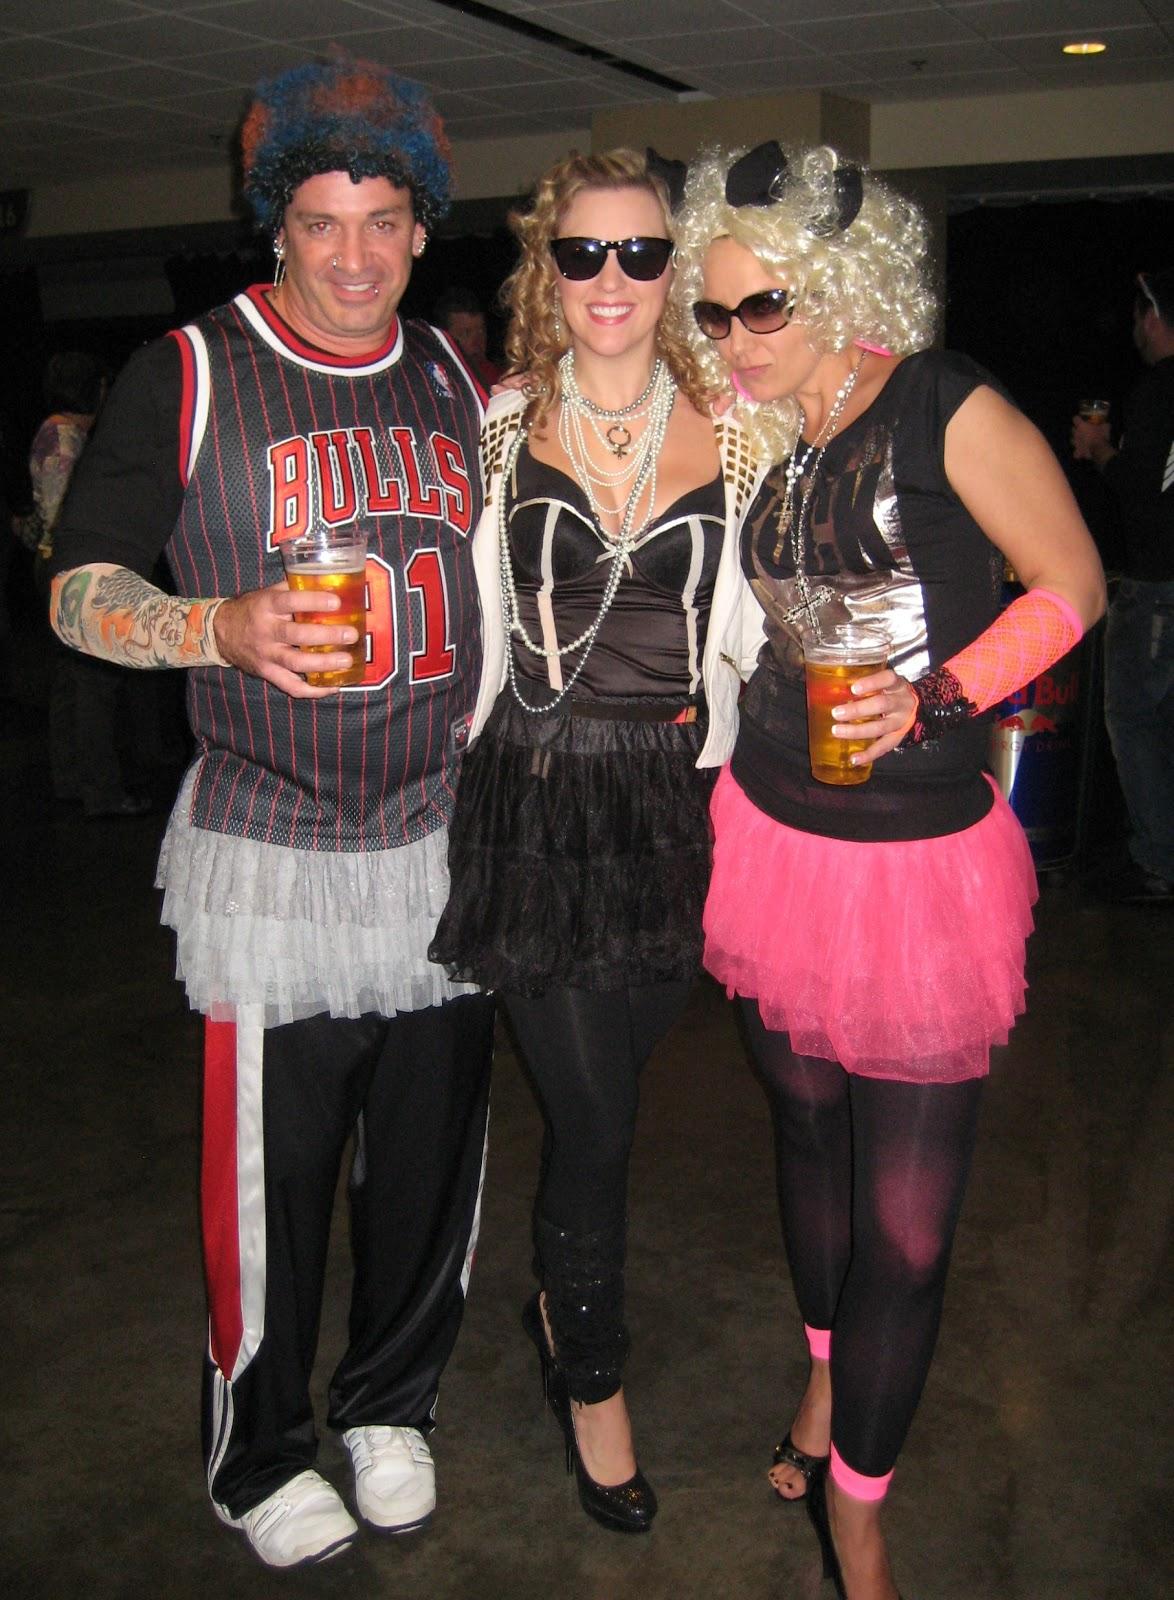 http://1.bp.blogspot.com/-k0aN939GmwM/ULVVb6r_KpI/AAAAAAAAo6U/-HboDjlK3Rk/s1600/Dennis+Rodman+at+Madonna+concert+tutu+funny+outfits+costume+pictures.jpg